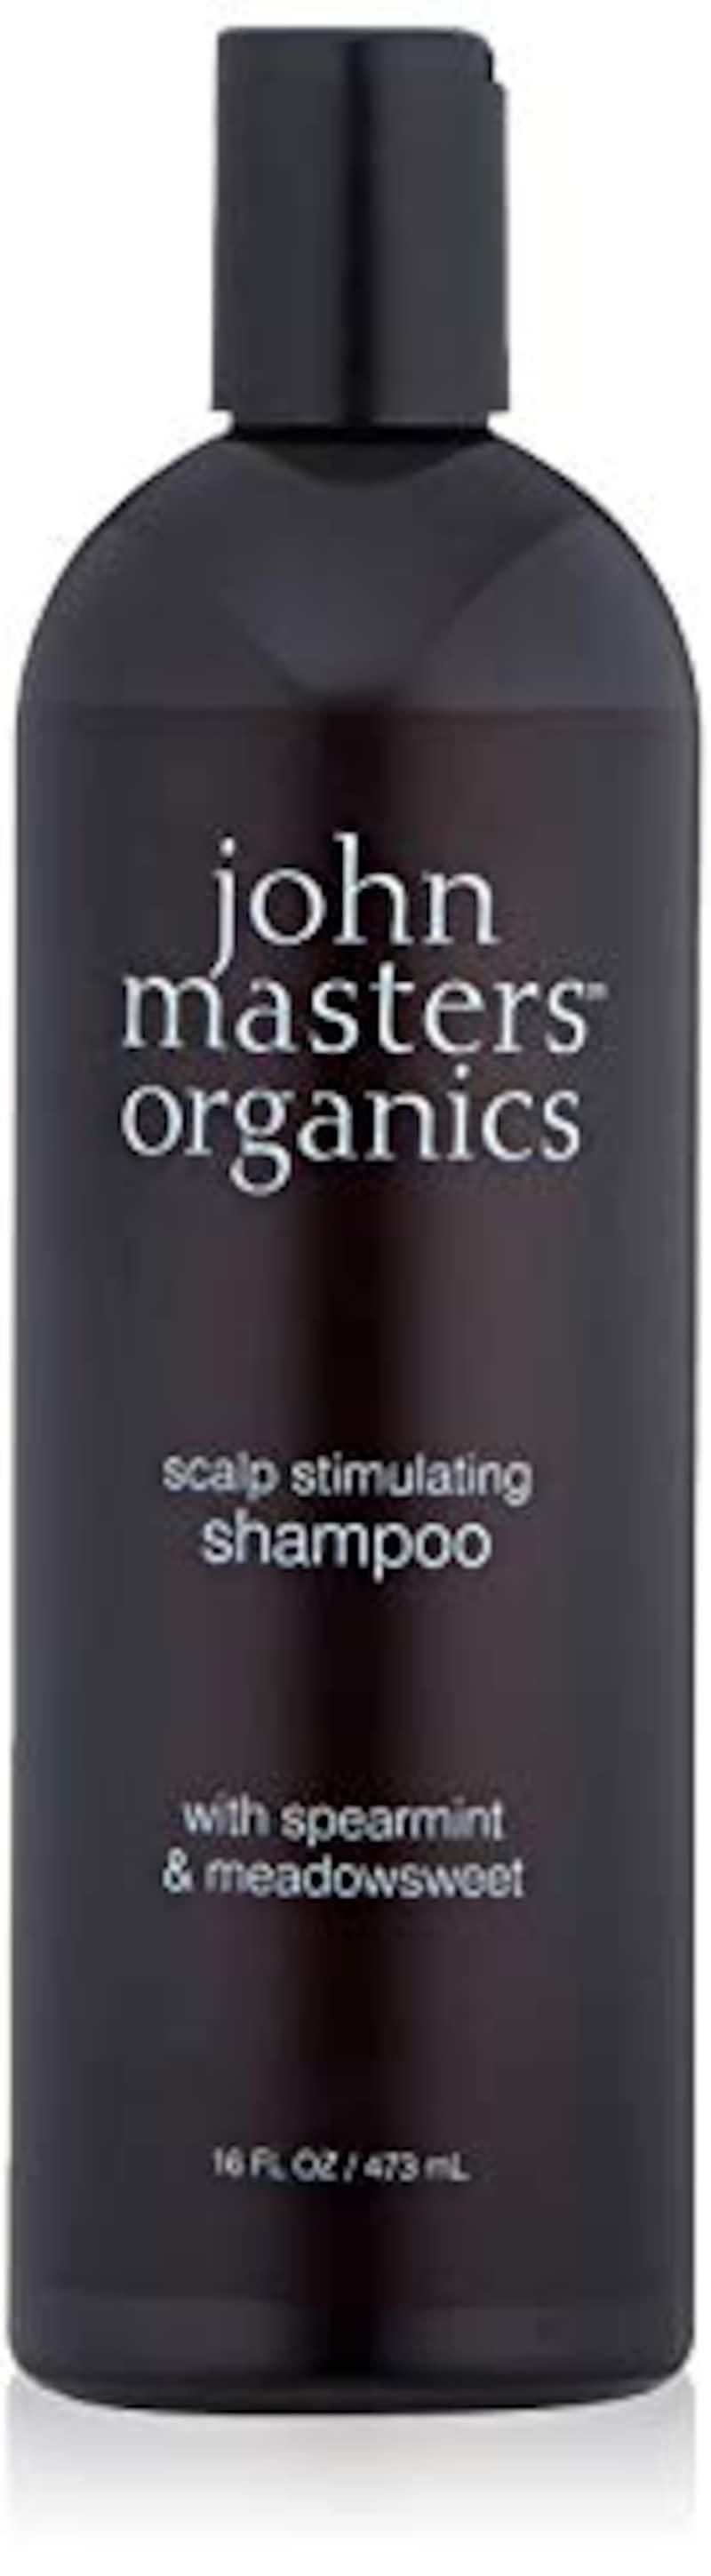 john masters organics(ジョンマスターオーガニック),S&Mスキャルプシャンプー N(スペアミント&メドウスイート)